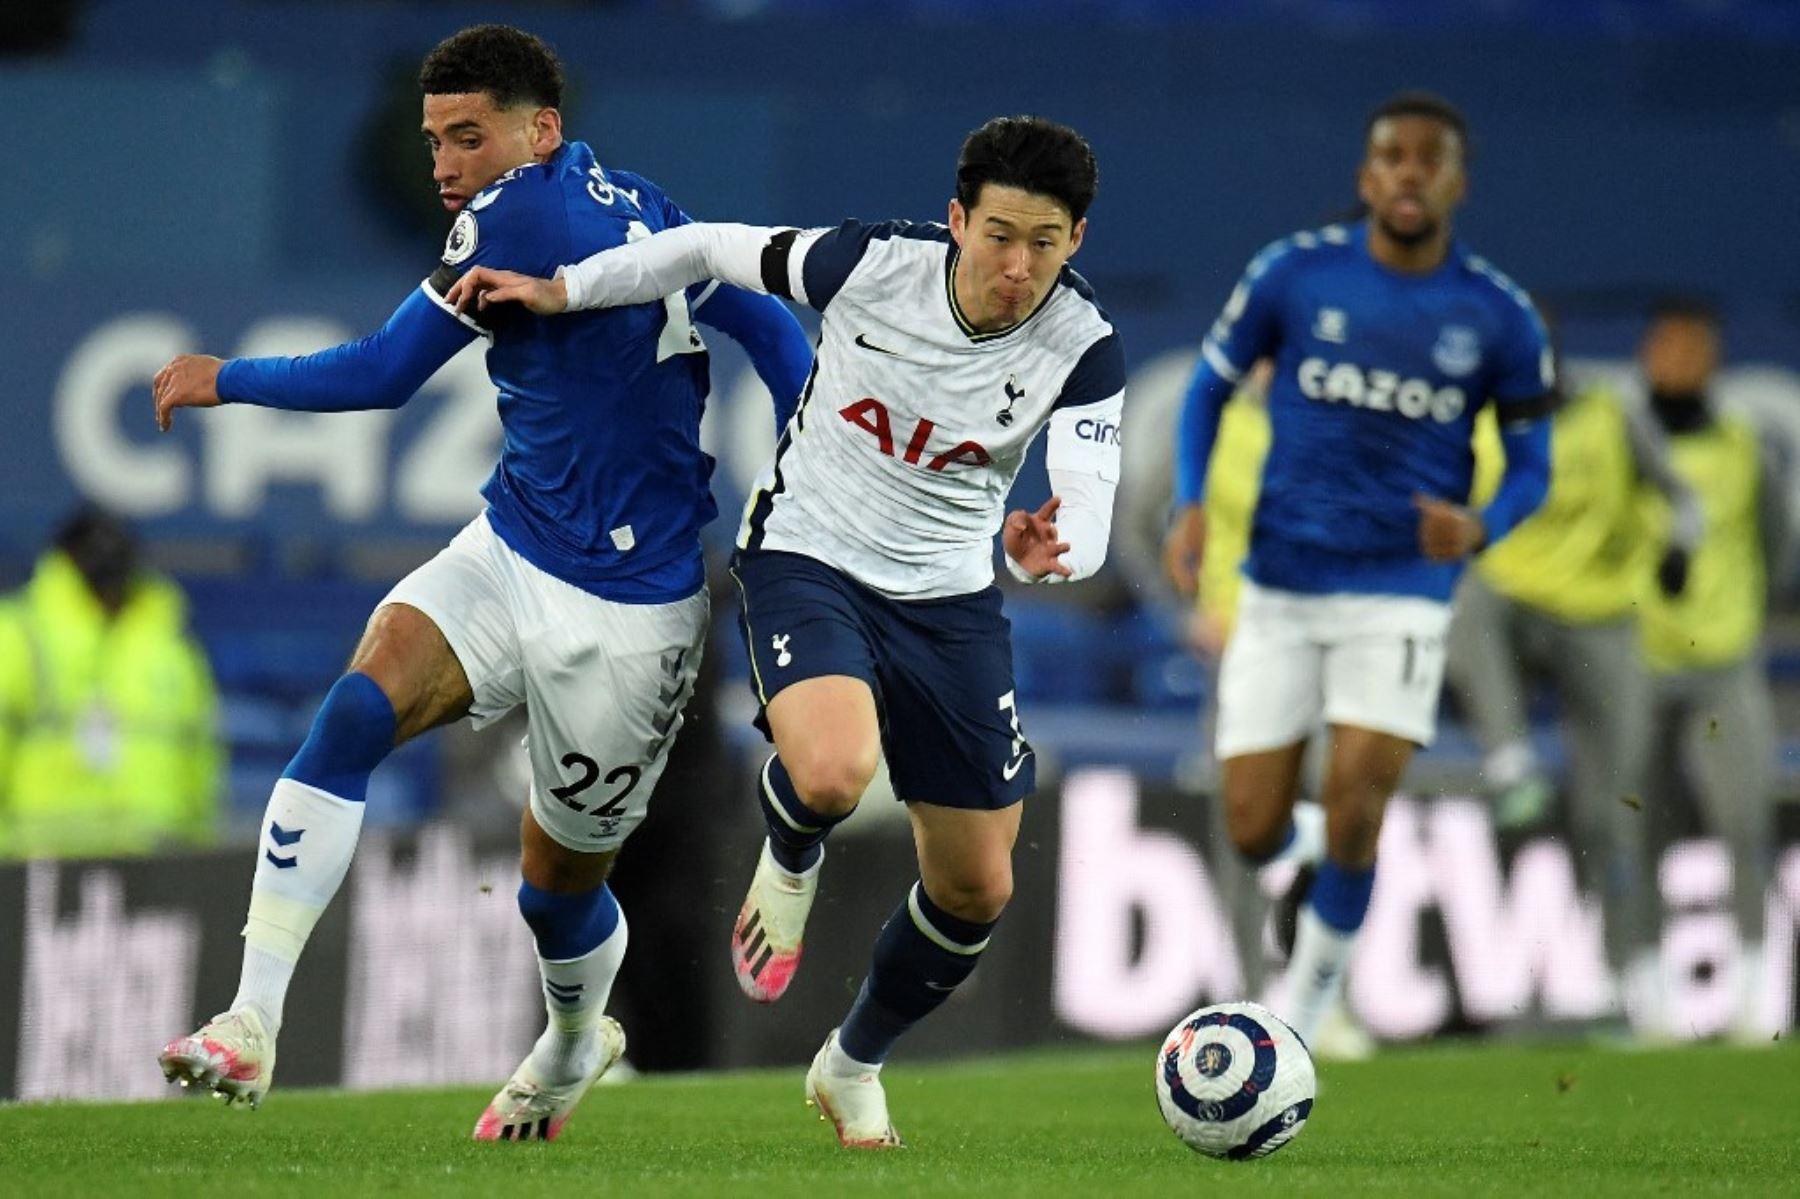 El centrocampista inglés del Everton Ben Godfrey (L) compite con el delantero surcoreano del Tottenham Hotspur Son Heung-Min (C) durante el partido de fútbol de la Premier League inglesa entre Everton y Tottenham Hotspur en Goodison Park en Liverpool. Foto: AFP